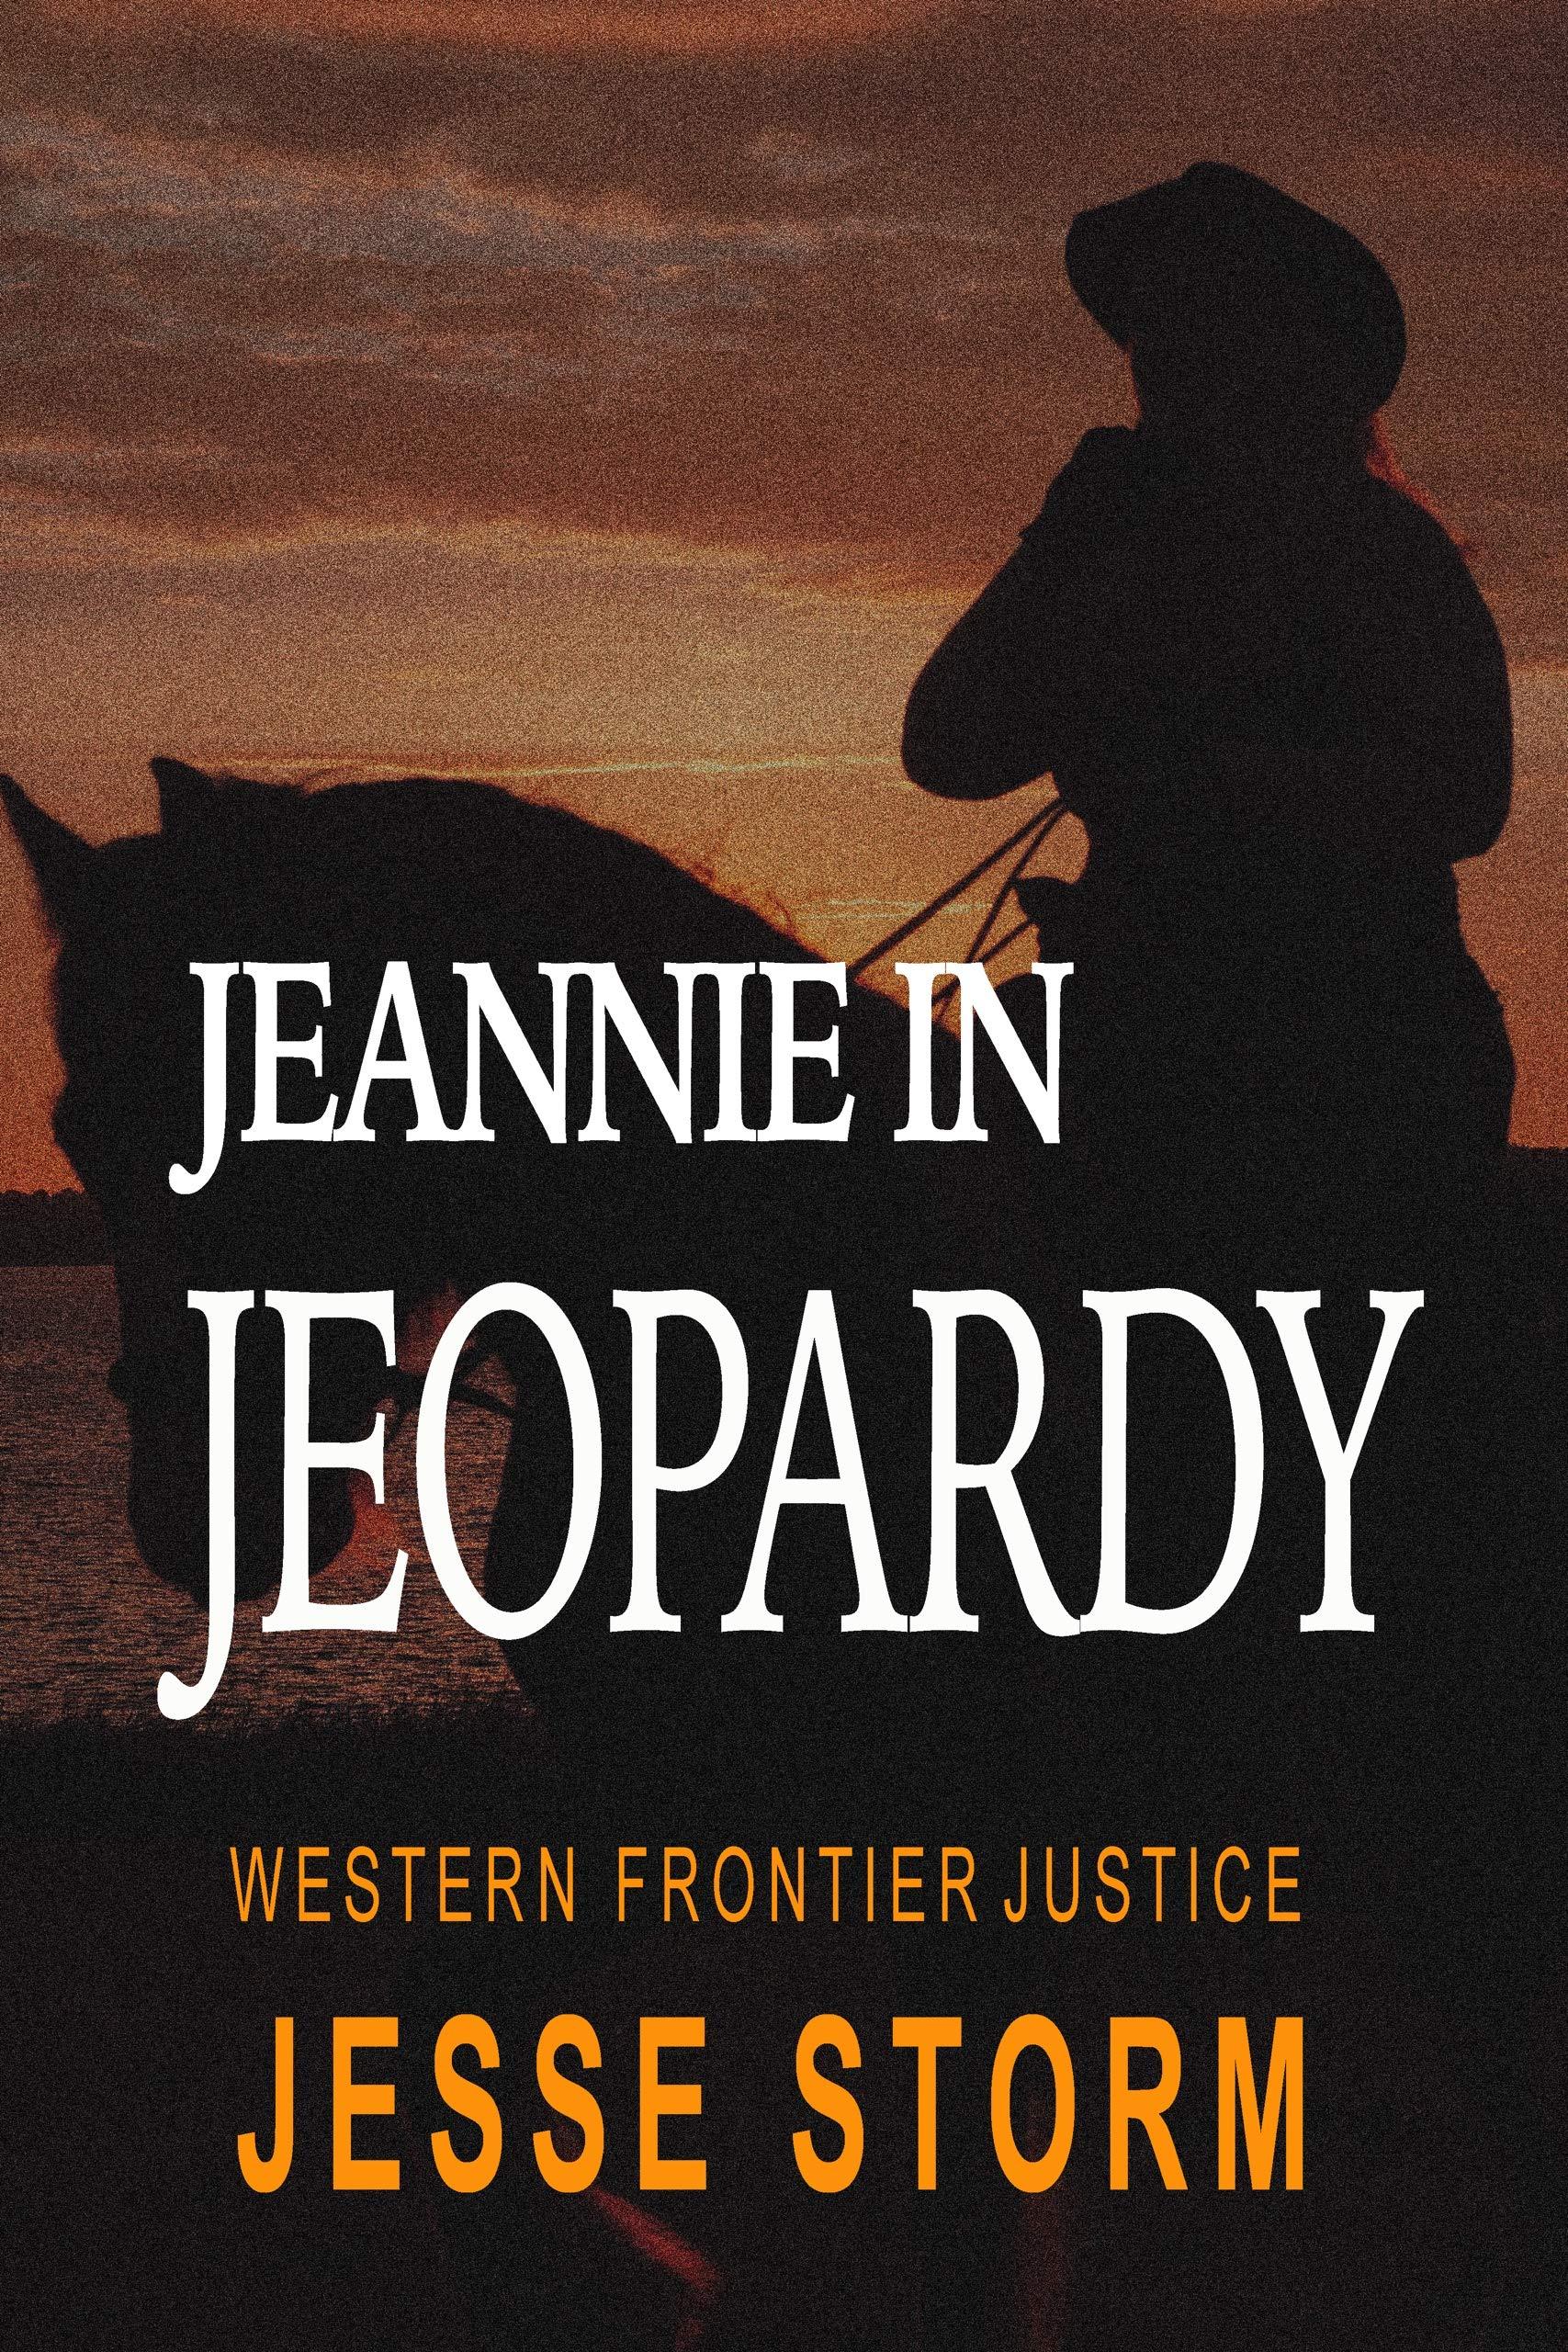 Jeannie in Jeopardy